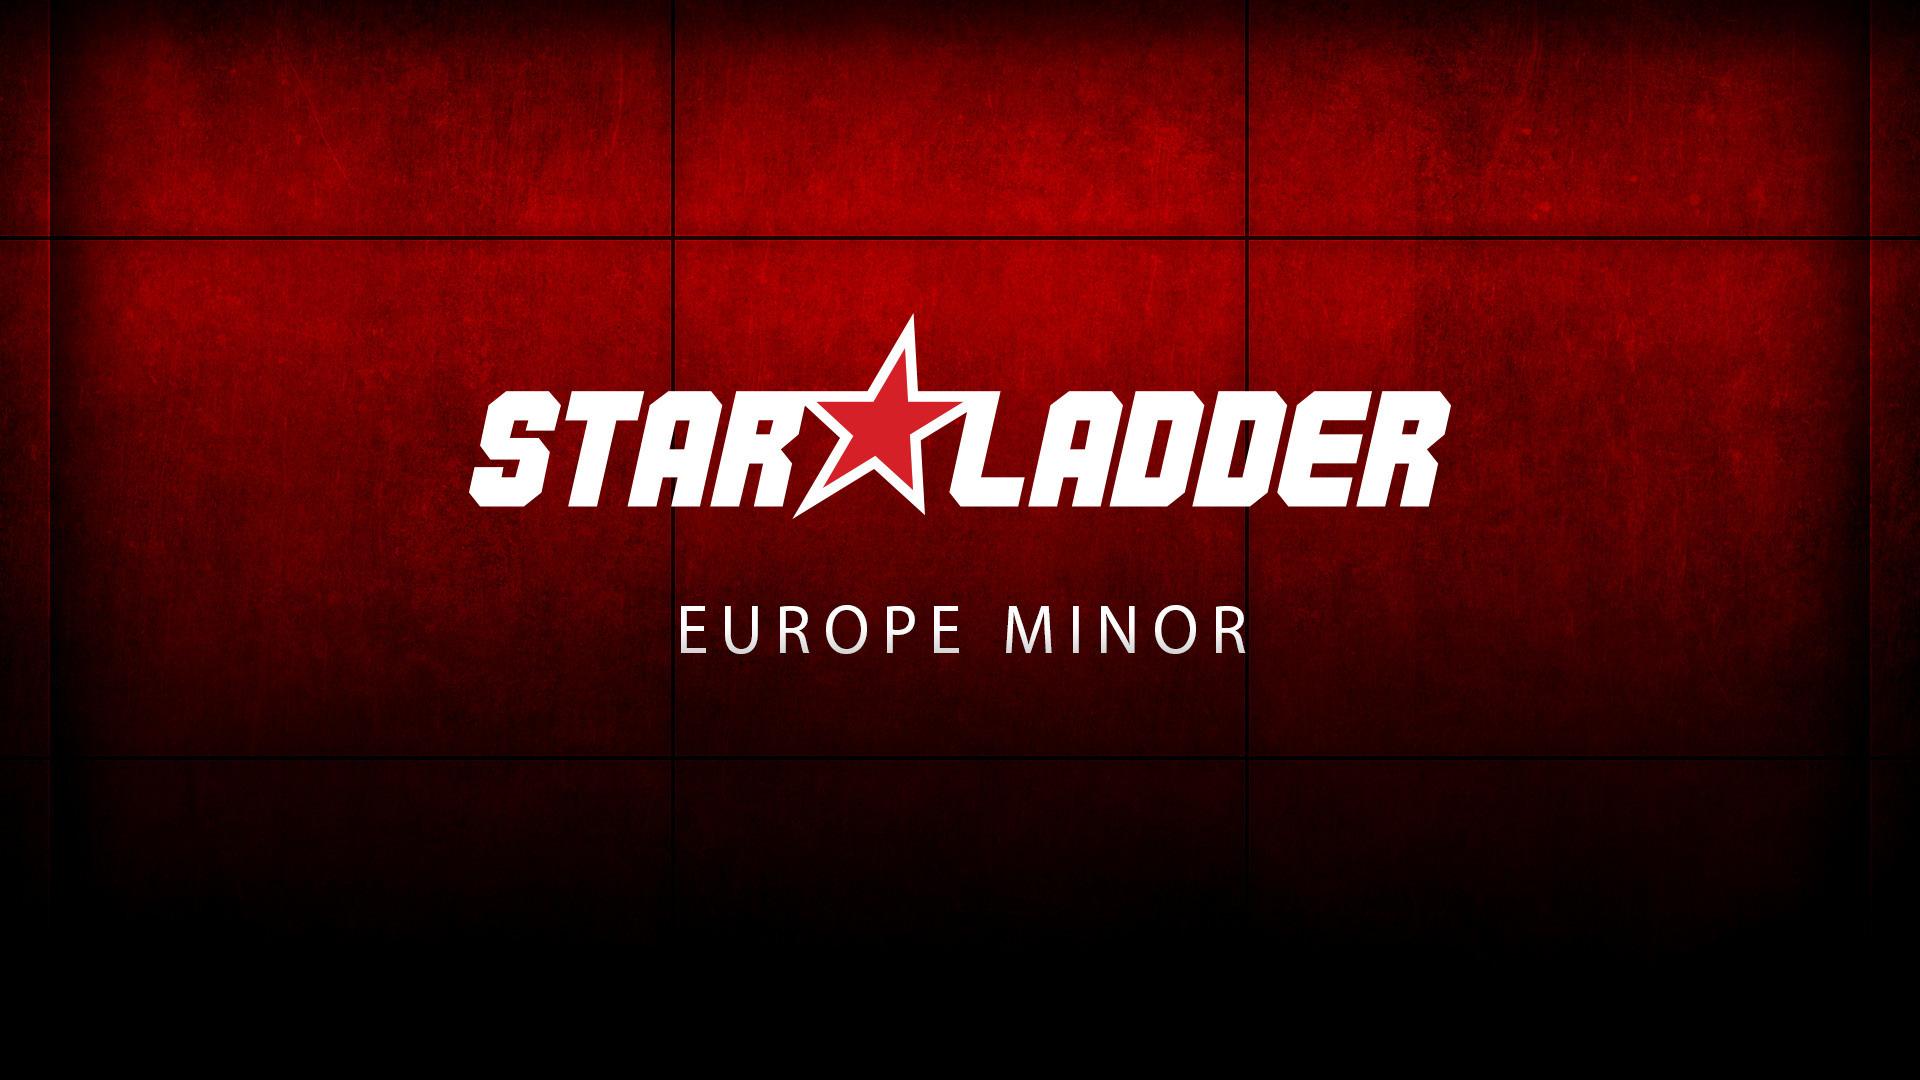 Starladder Minor Europe : La preview